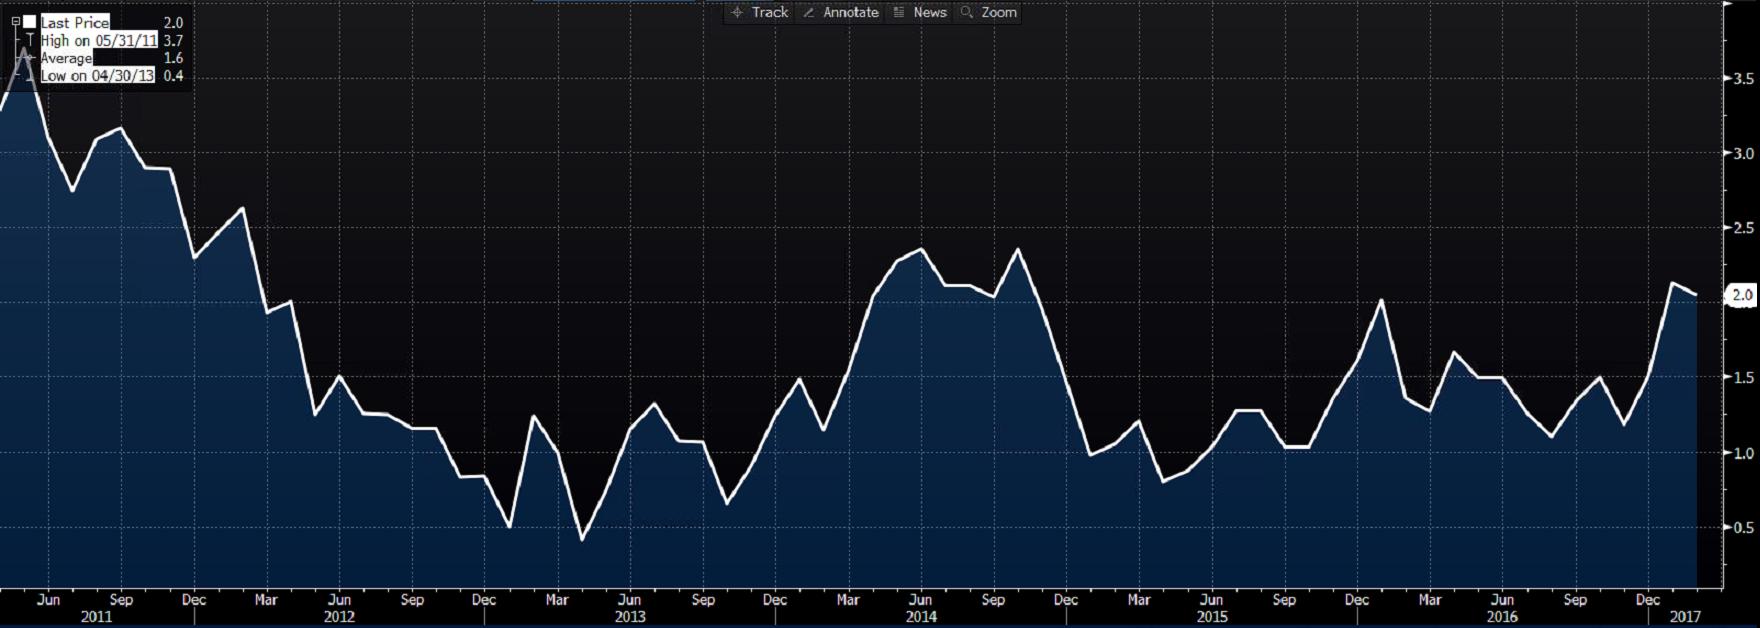 Inflacja w Kanadzie, R/R